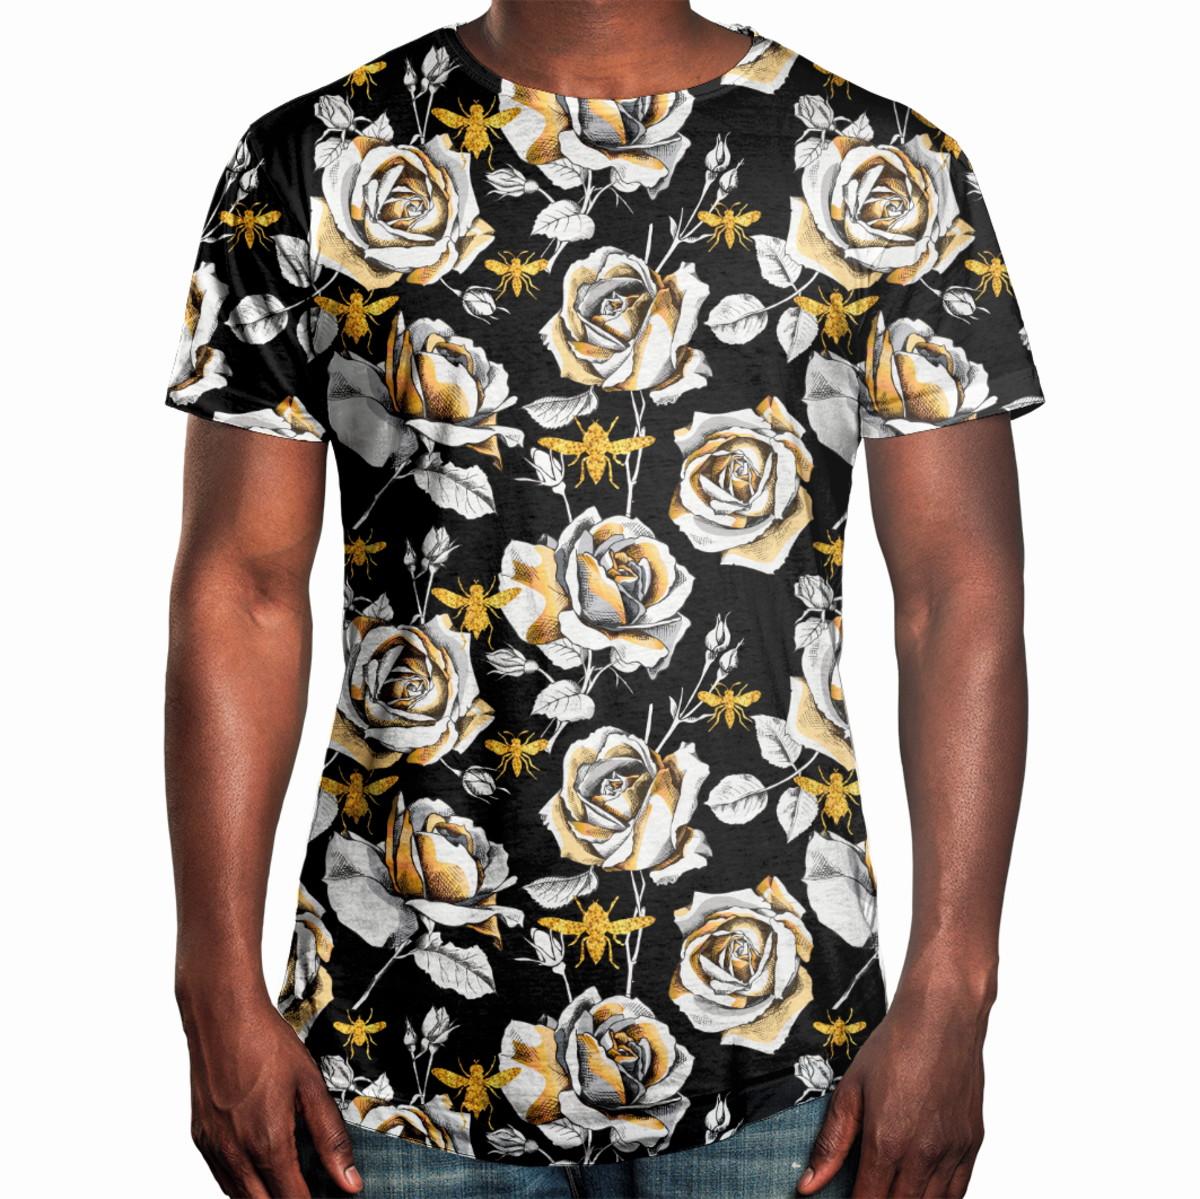 d994b856b Camiseta Masculina Longline Swag Floral Rosas E Abelhas no Elo7 ...